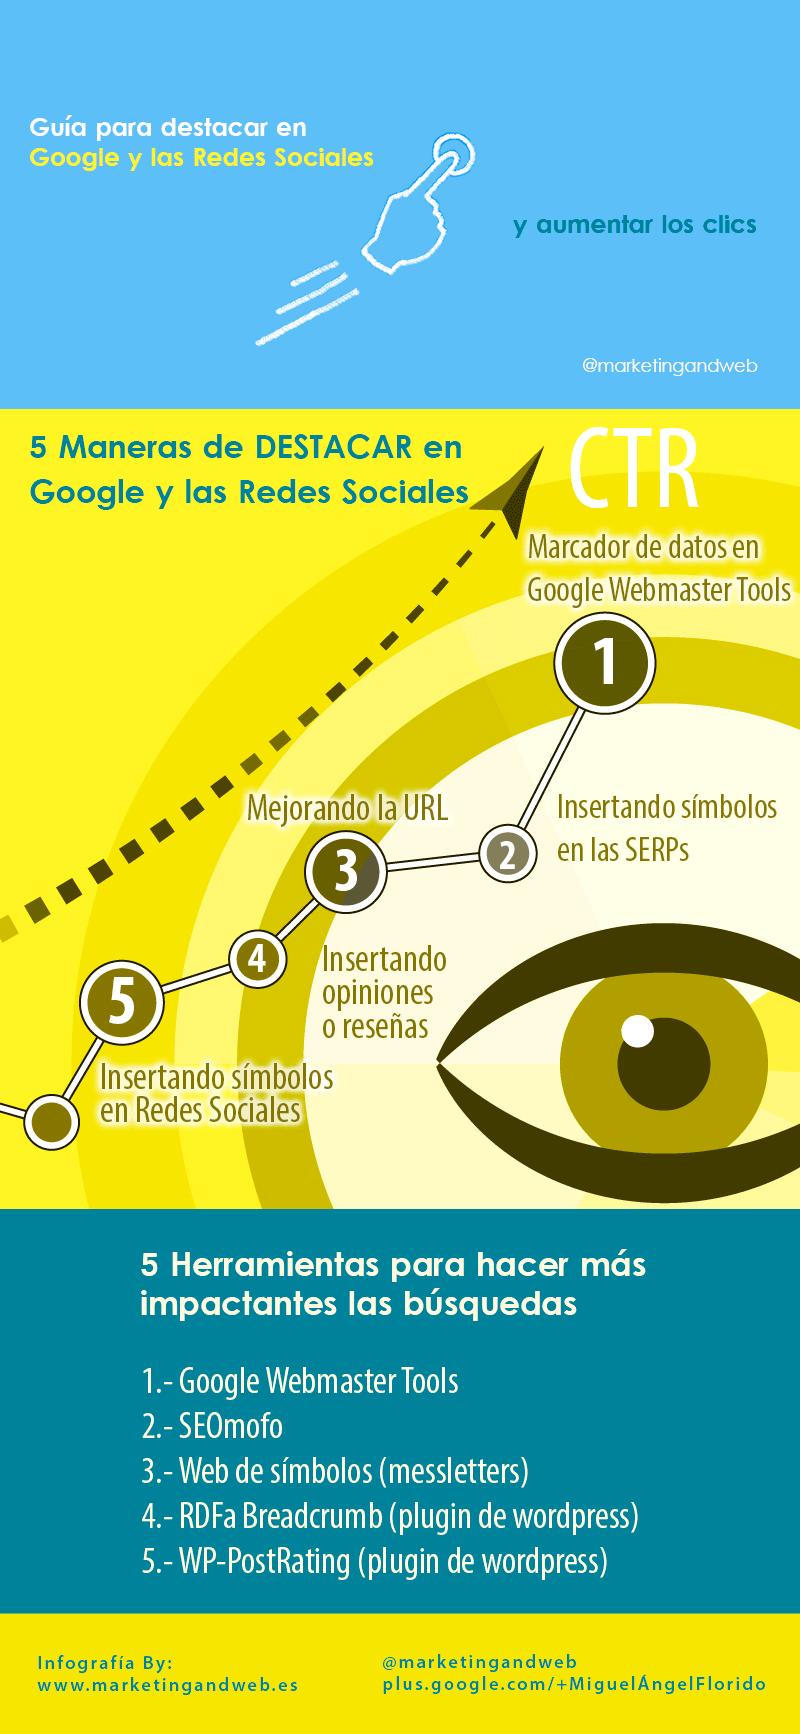 infografía para destacar en google y redes sociales